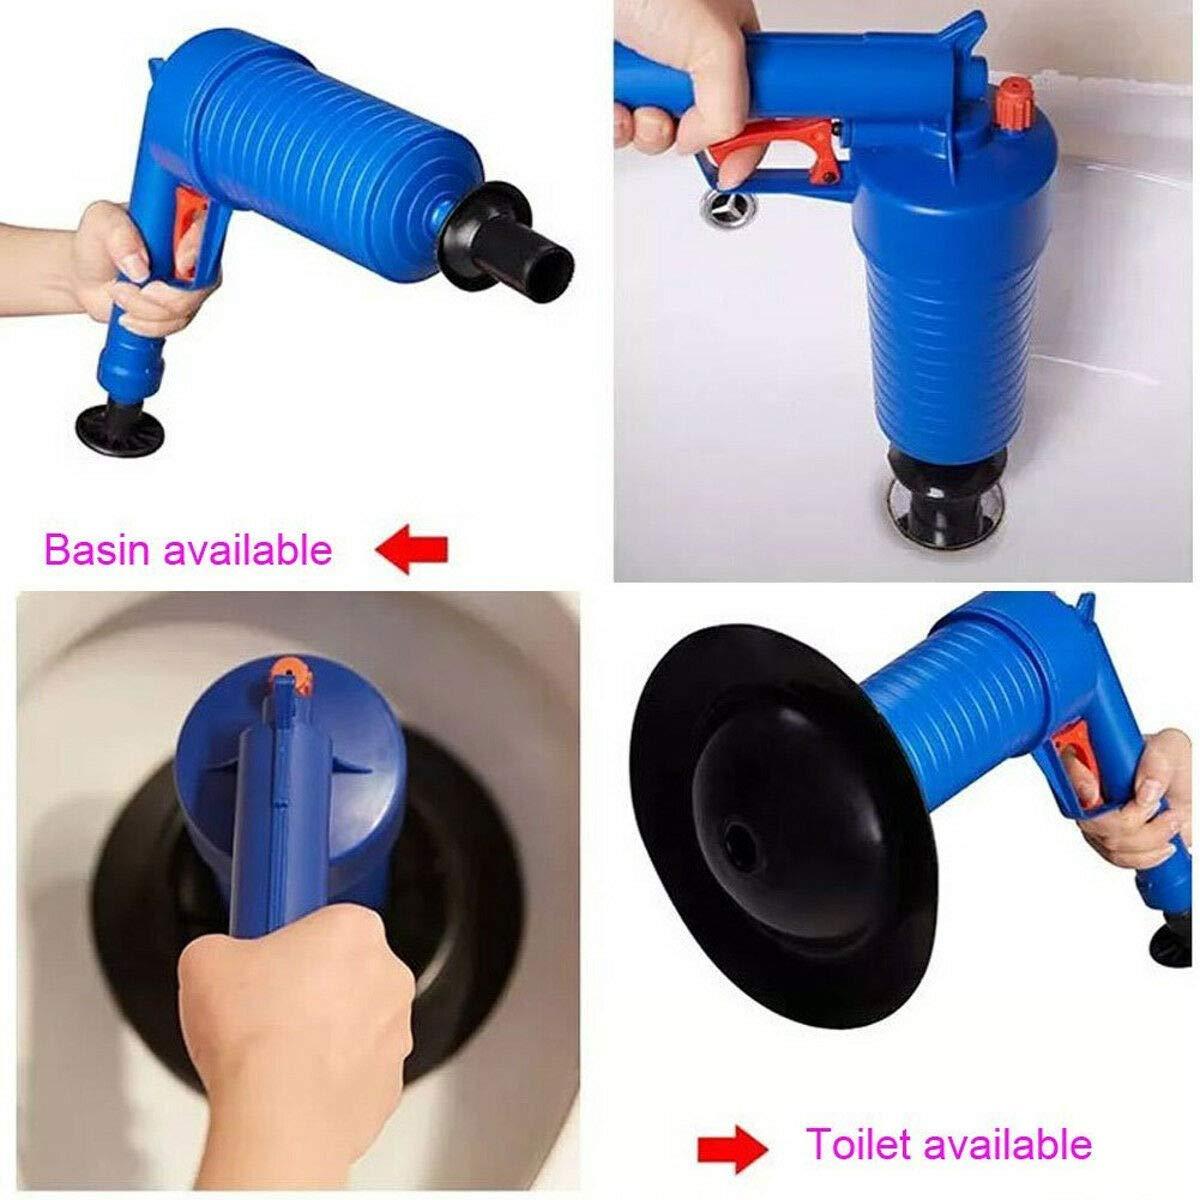 QUAKOI High Pressure Air Toilet Drain Blaster Pump Plunger Sink Pipe Clog Home Remover